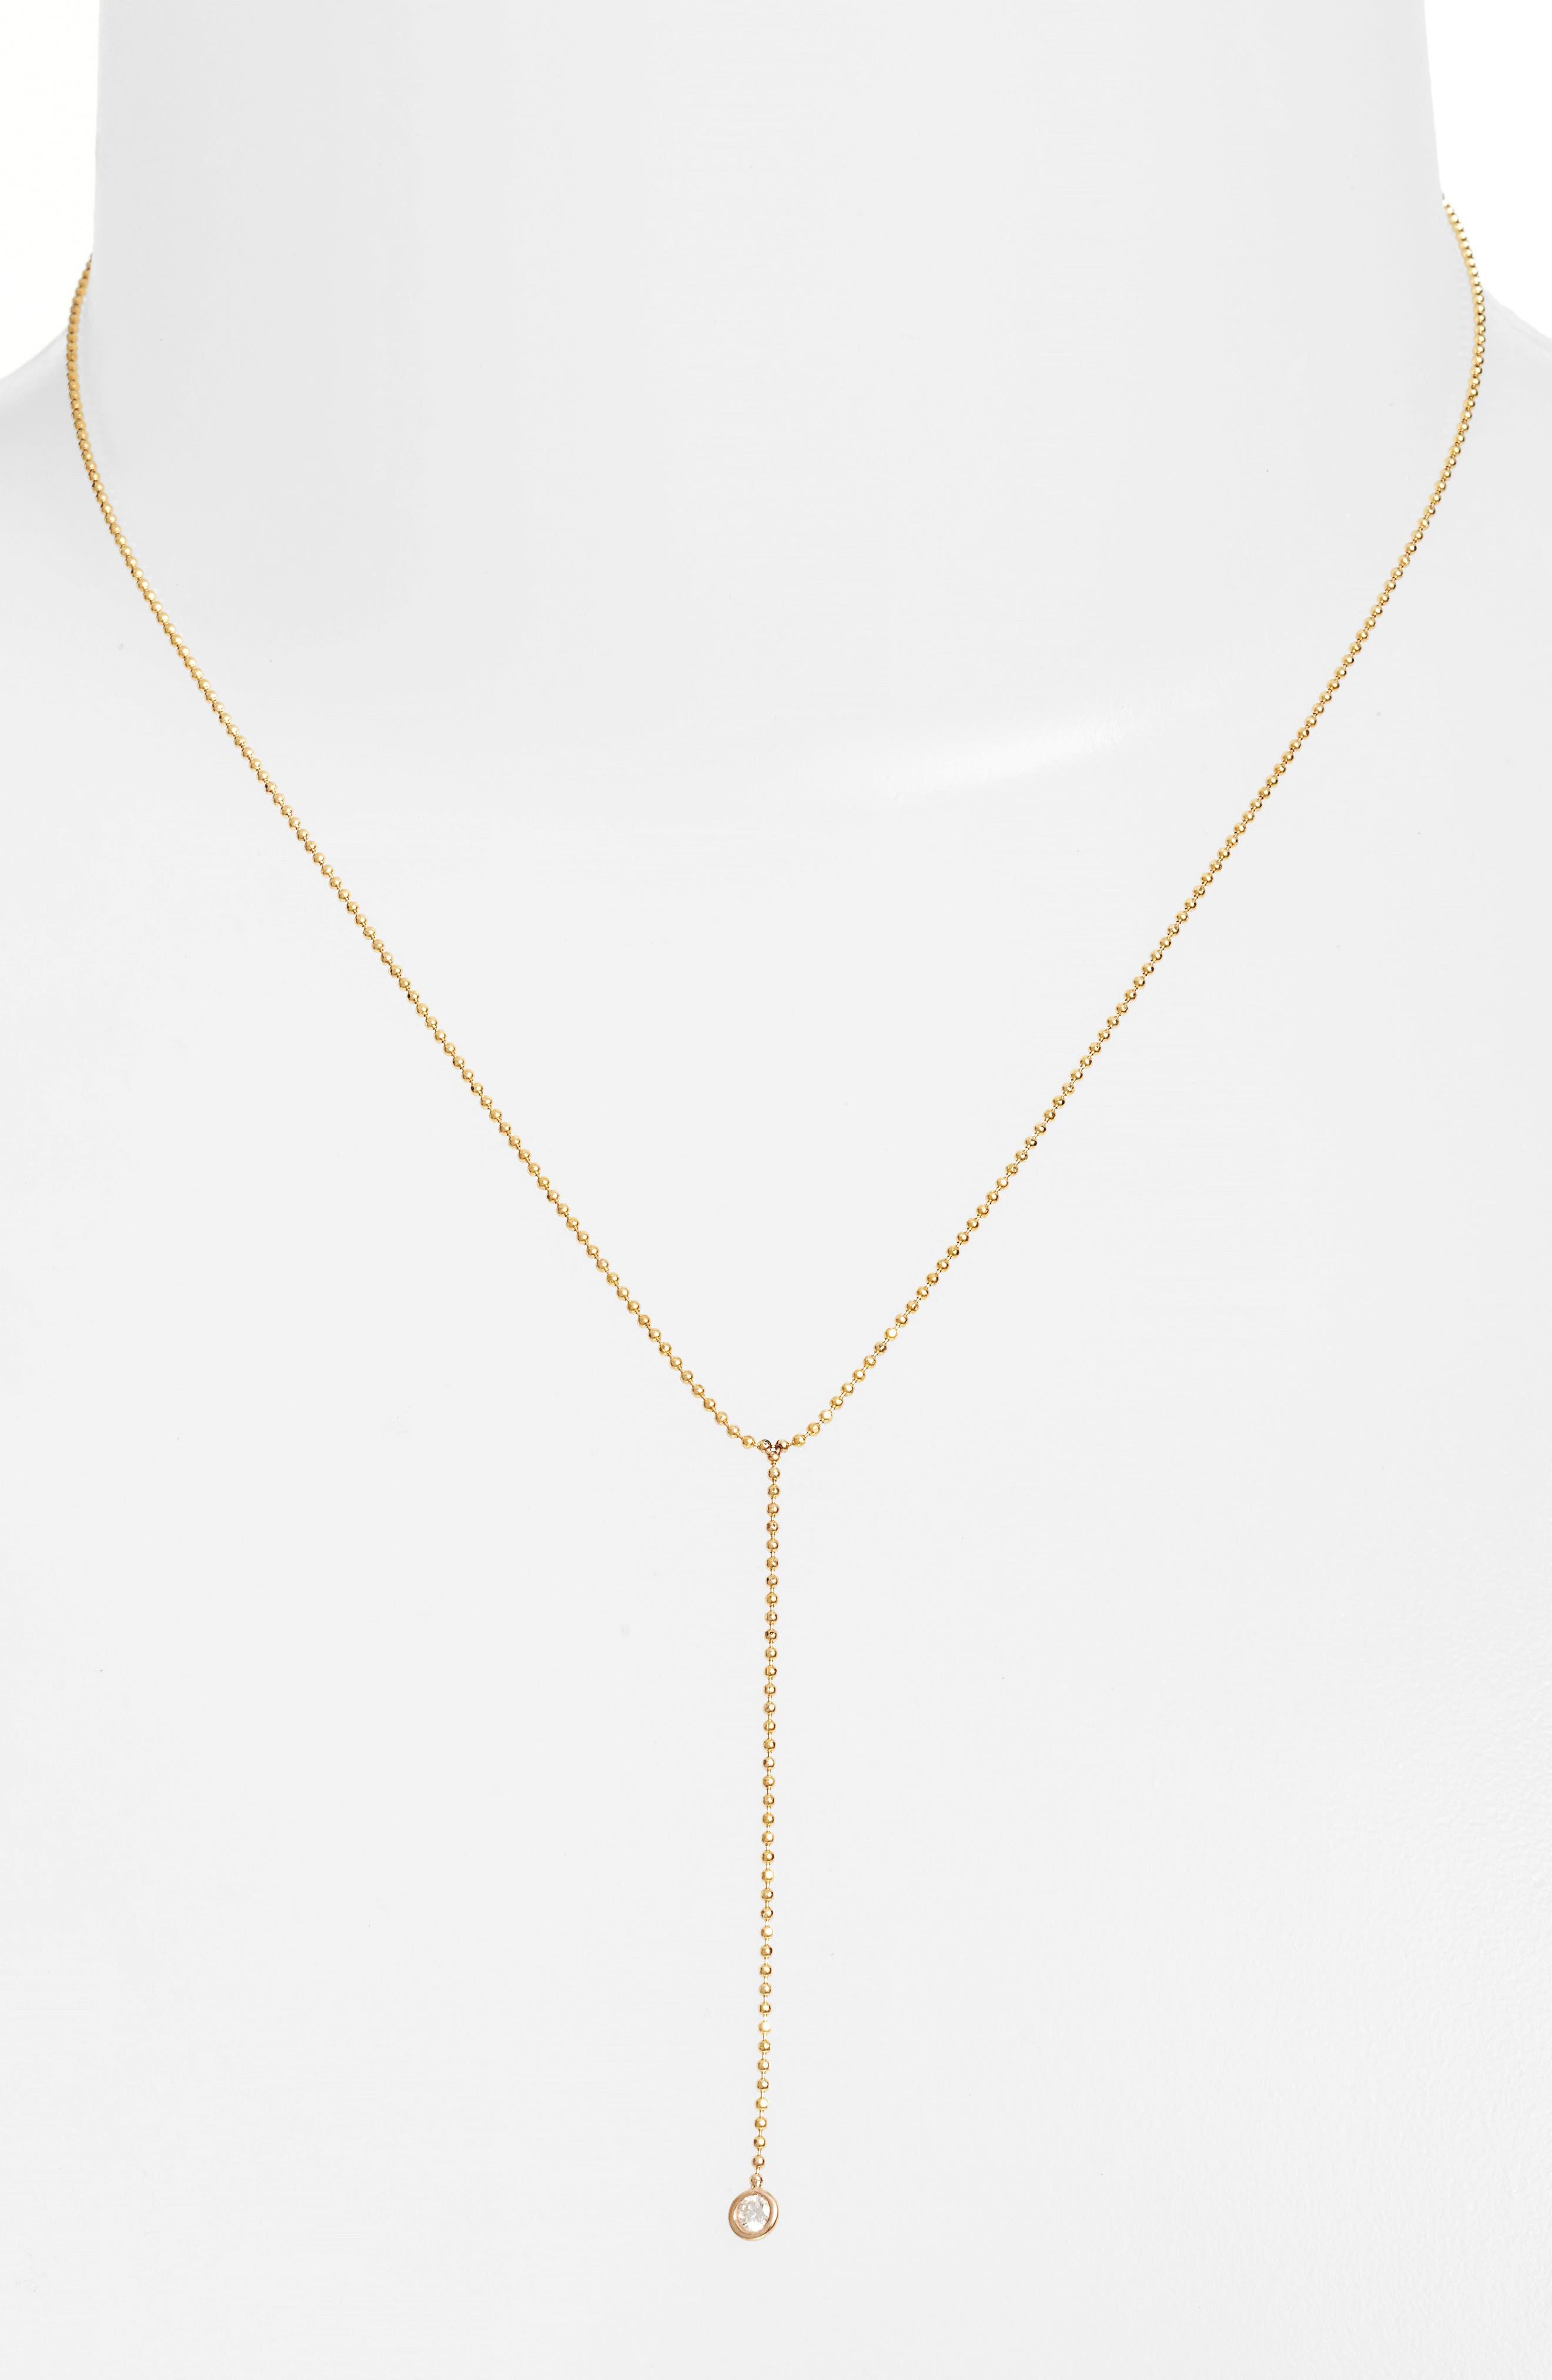 Zoë Chicco Diamond Y-Necklace